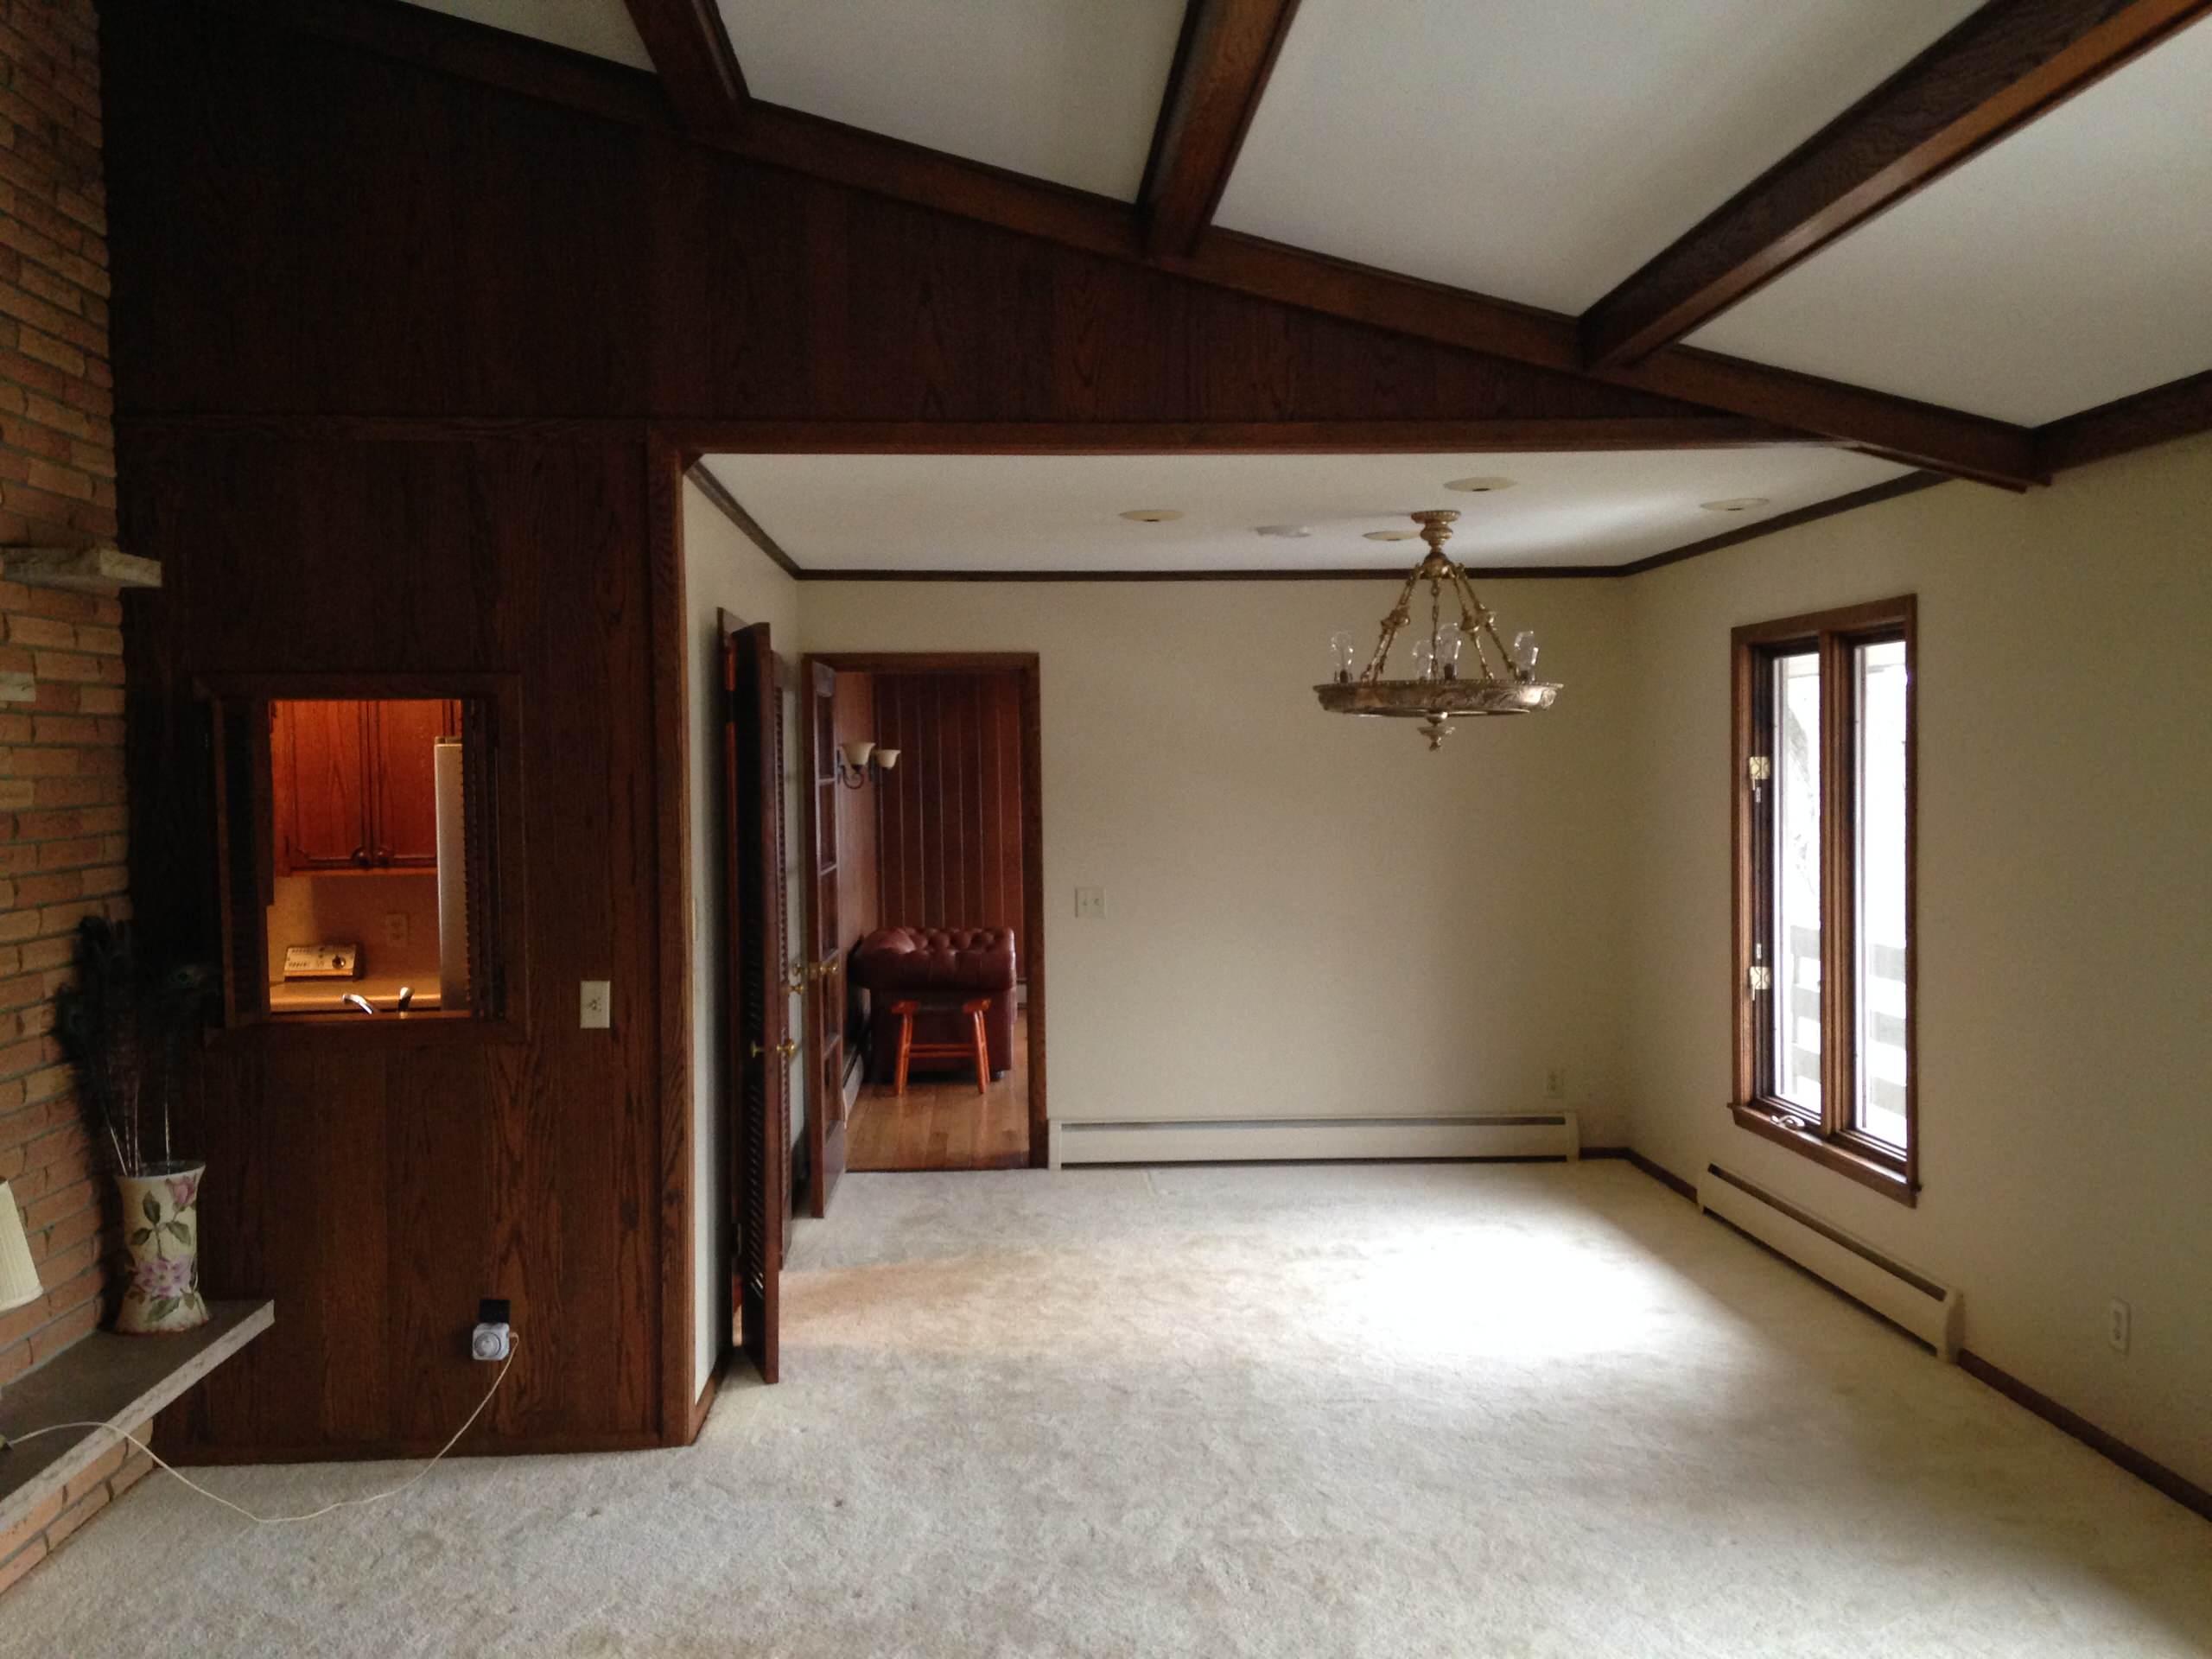 Golden Valley - BEFORE Main Floor Remodel